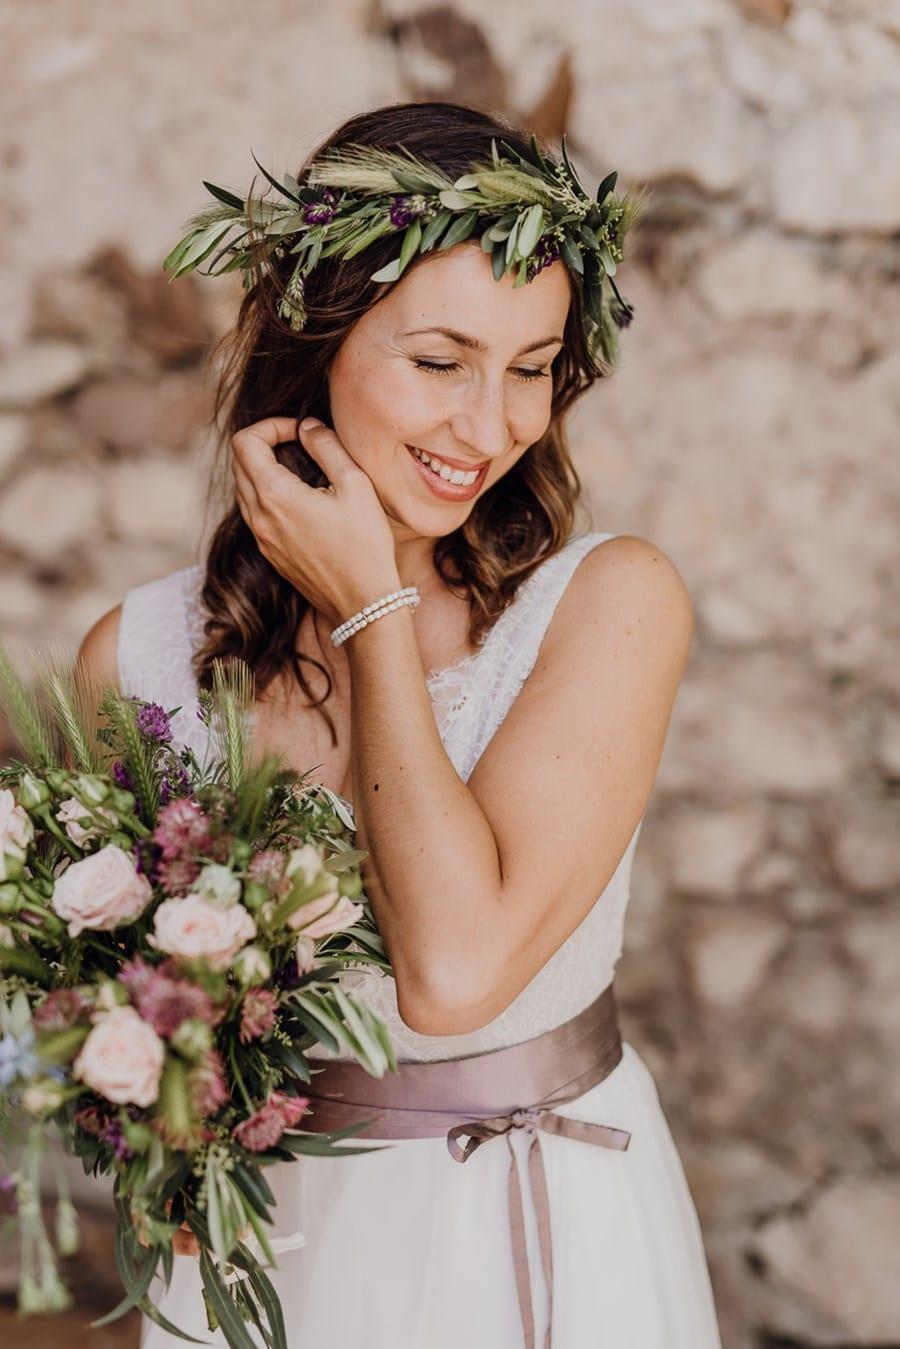 24 Kreative Hochzeit Foto Ideen Posen Fotowand Nl